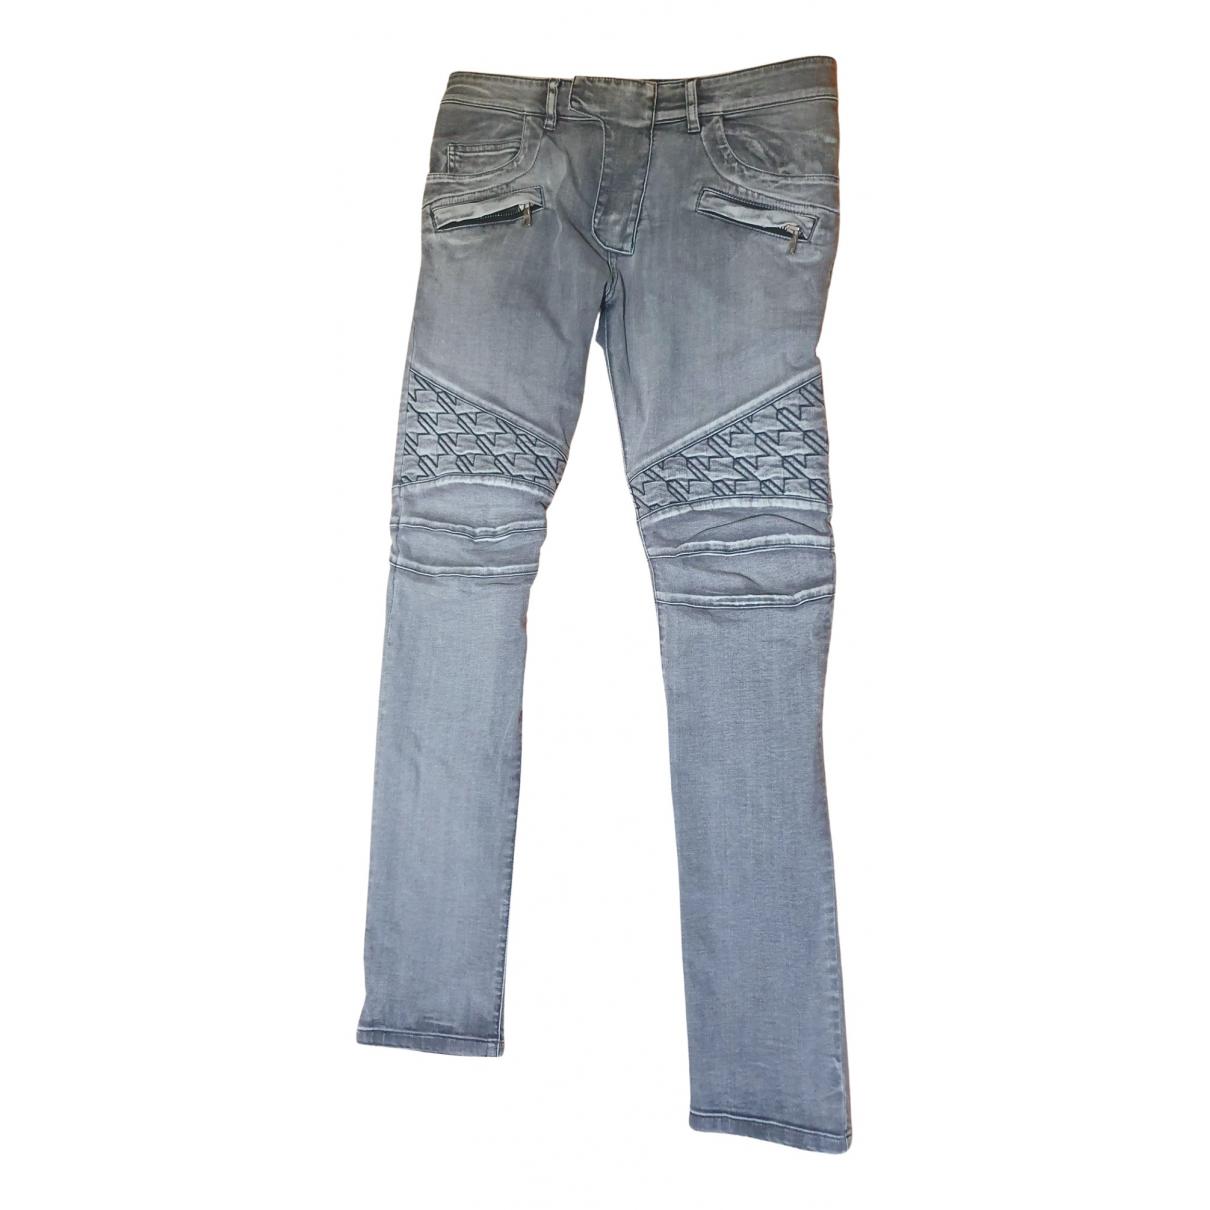 Balmain N Grey Cotton Jeans for Men